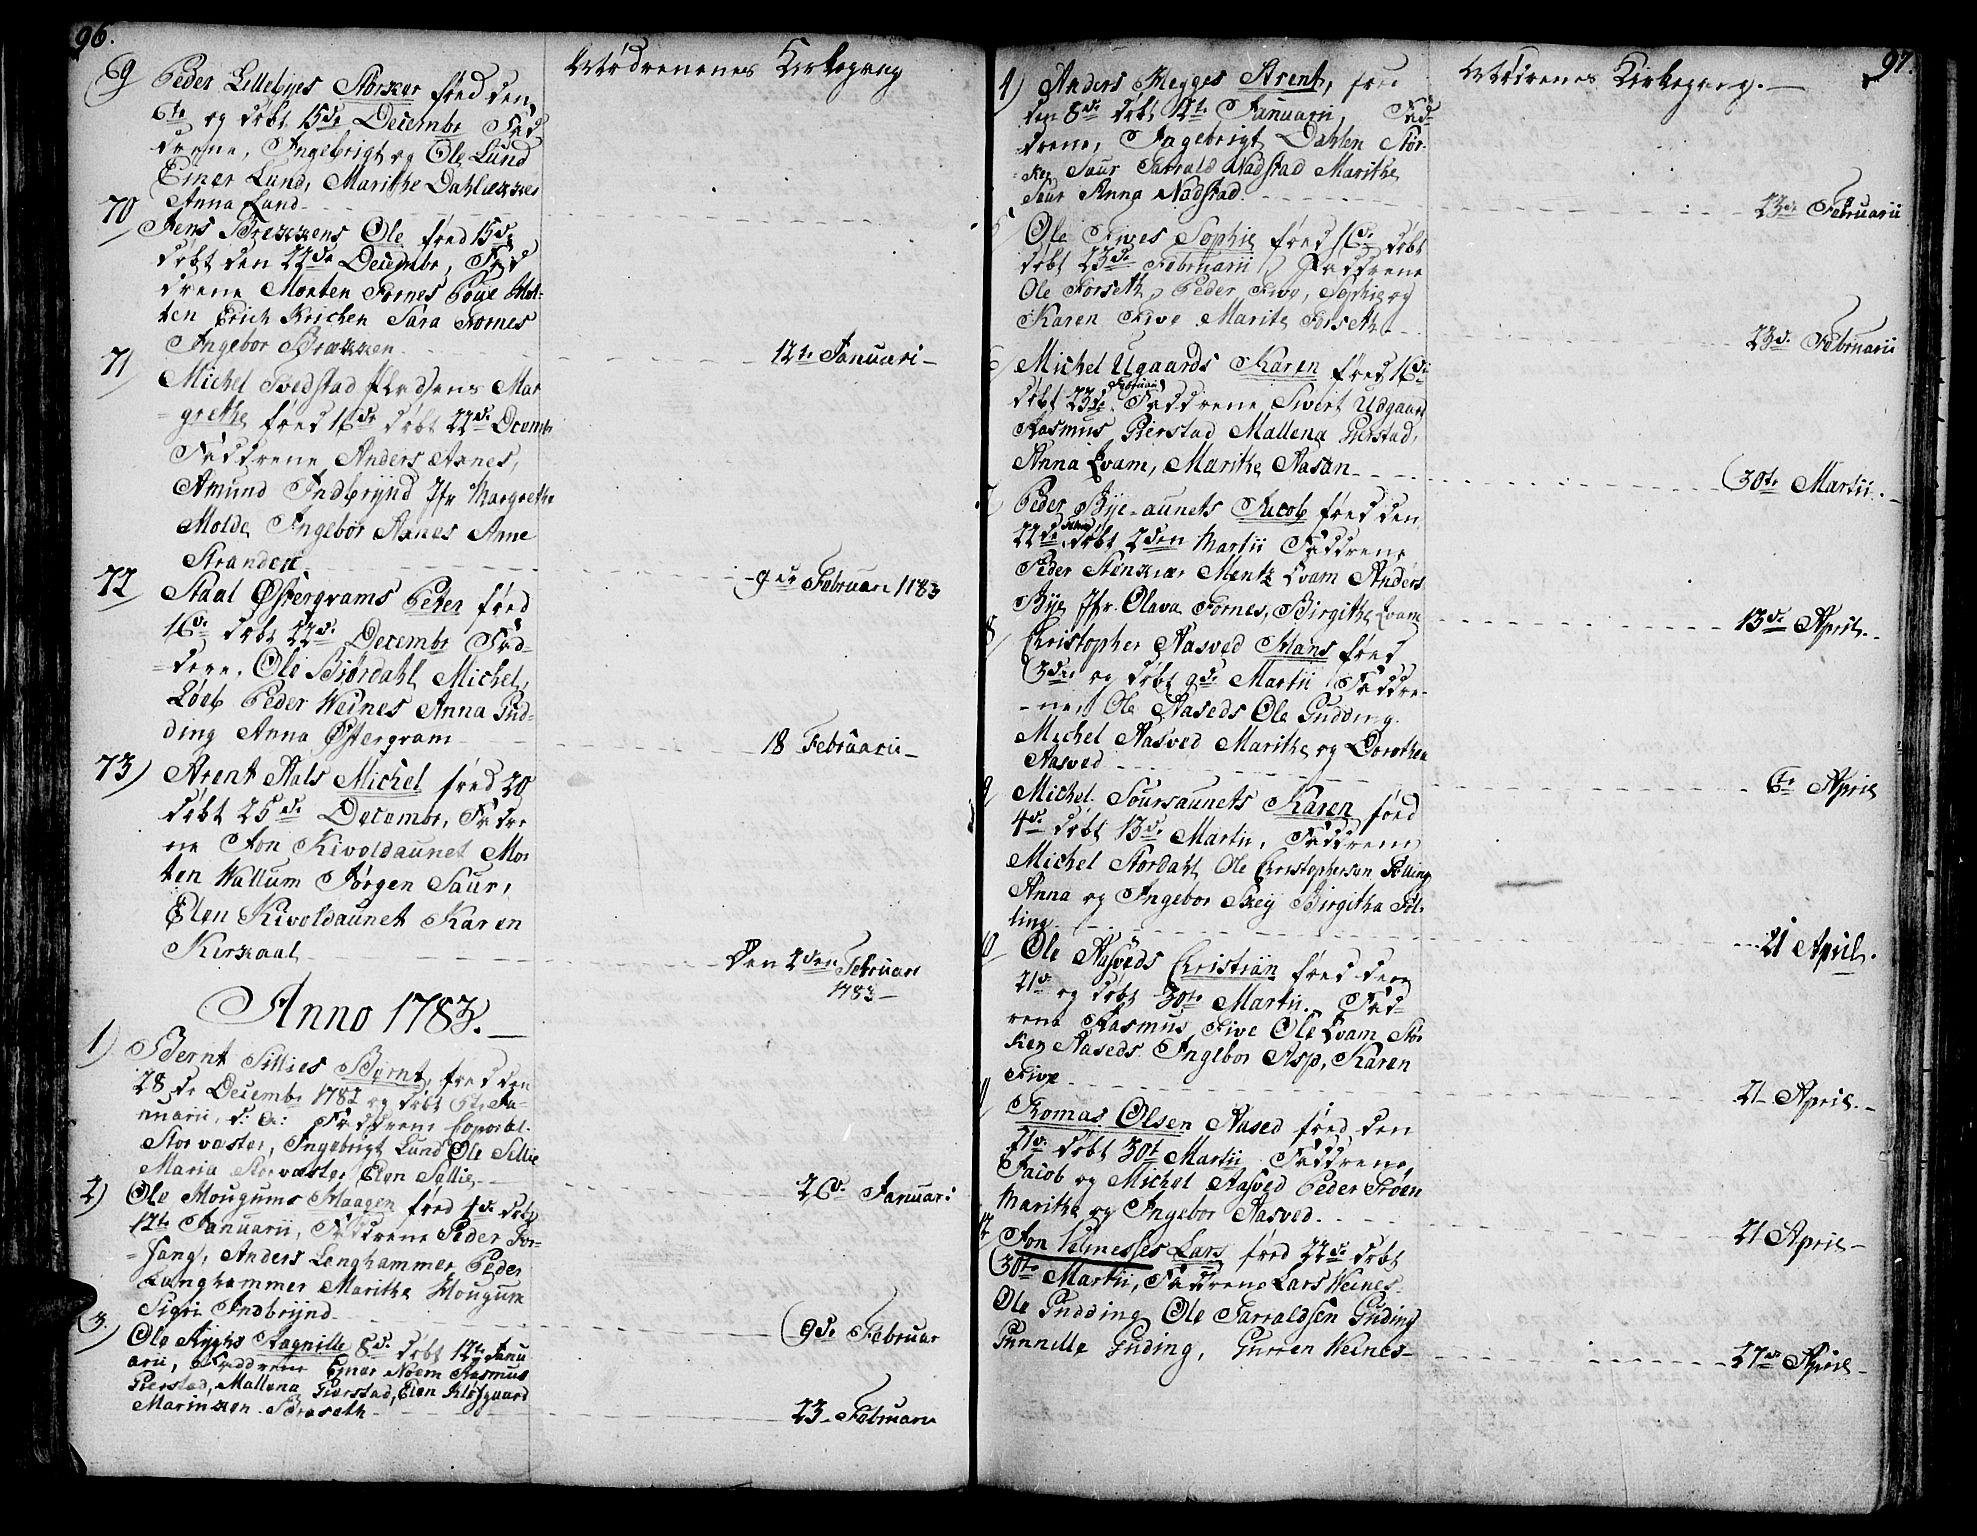 SAT, Ministerialprotokoller, klokkerbøker og fødselsregistre - Nord-Trøndelag, 746/L0440: Ministerialbok nr. 746A02, 1760-1815, s. 96-97